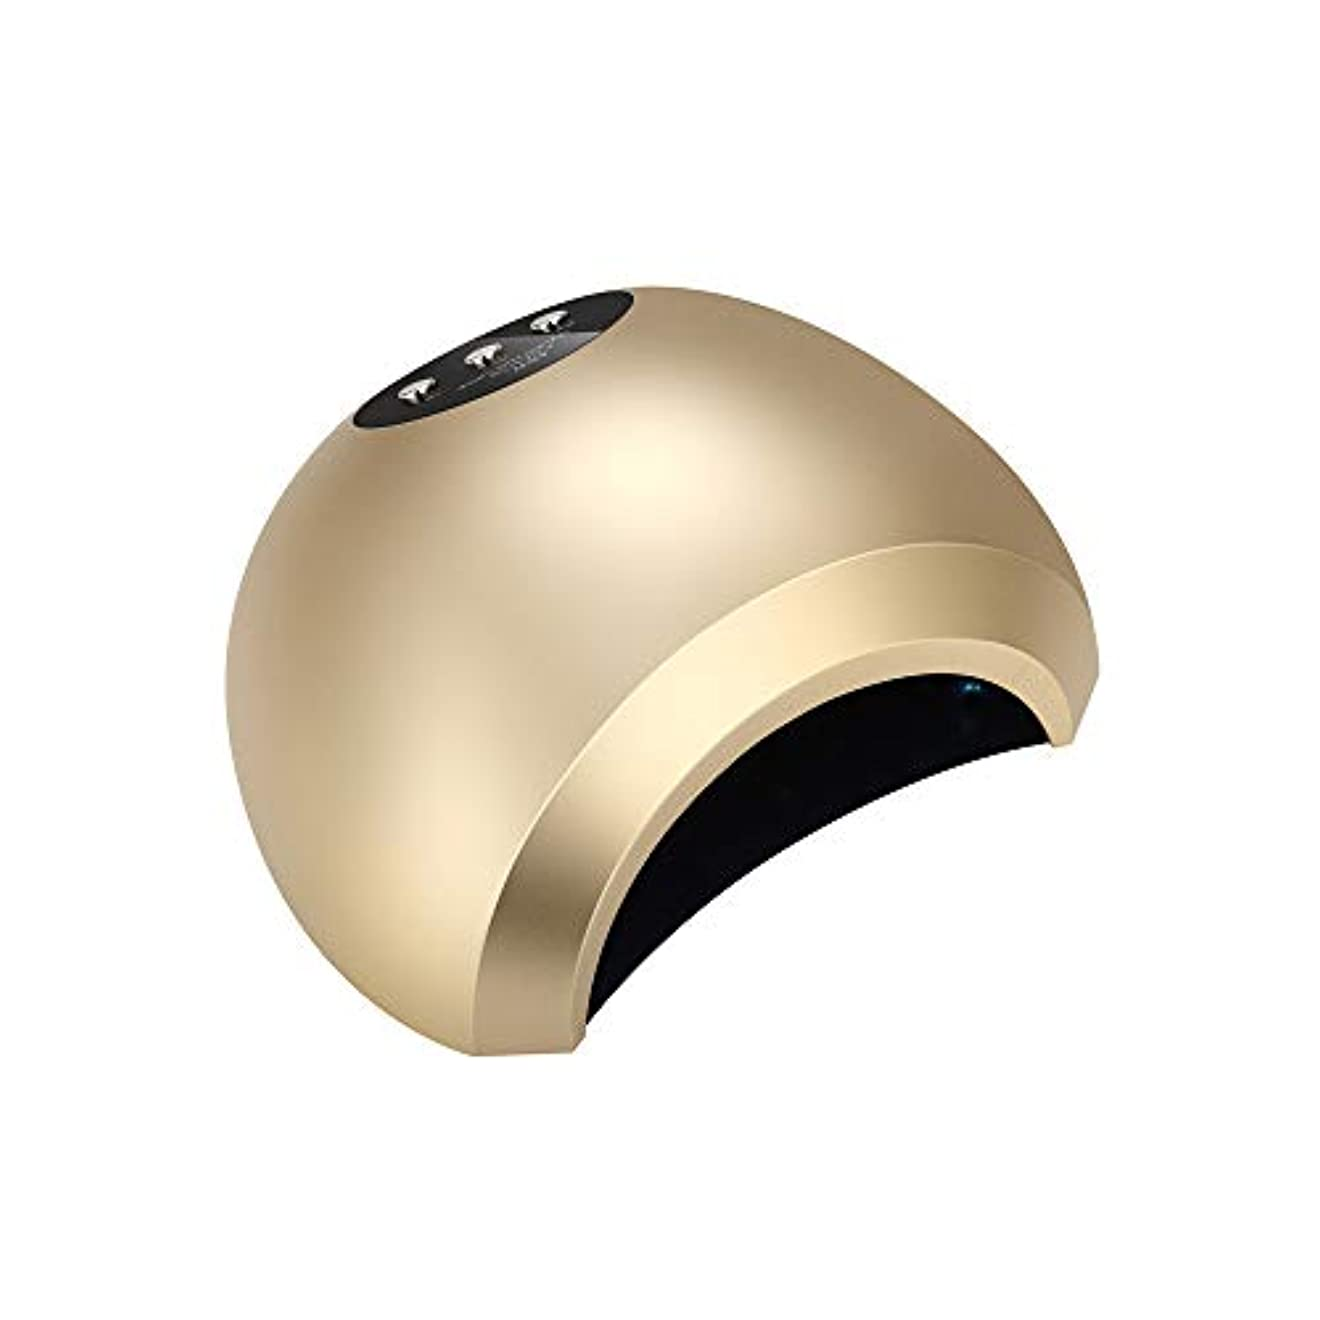 便利さ欠乏青48Wインテリジェント誘導デュアル光源放熱無痛速乾性光線療法ランプネイルポリッシュグルーライト速乾性ドライヤーネイルポリッシュUVランプ